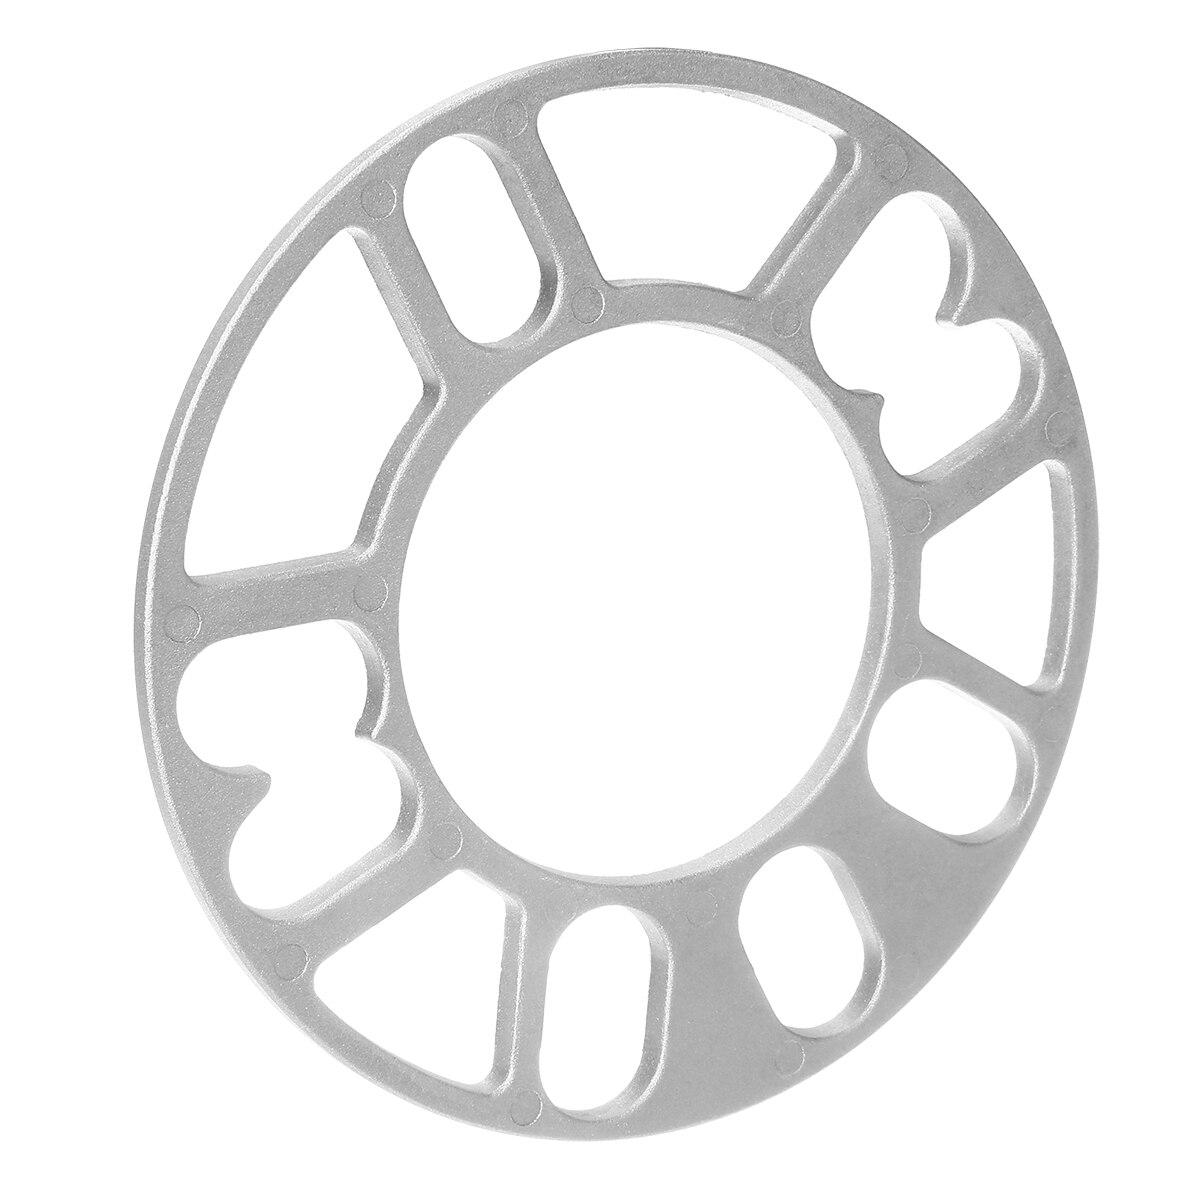 Aleación Rueda Espaciadores 2x 3 mm cuñas Espaciador Ajuste Universal De 4 y 5 Stud